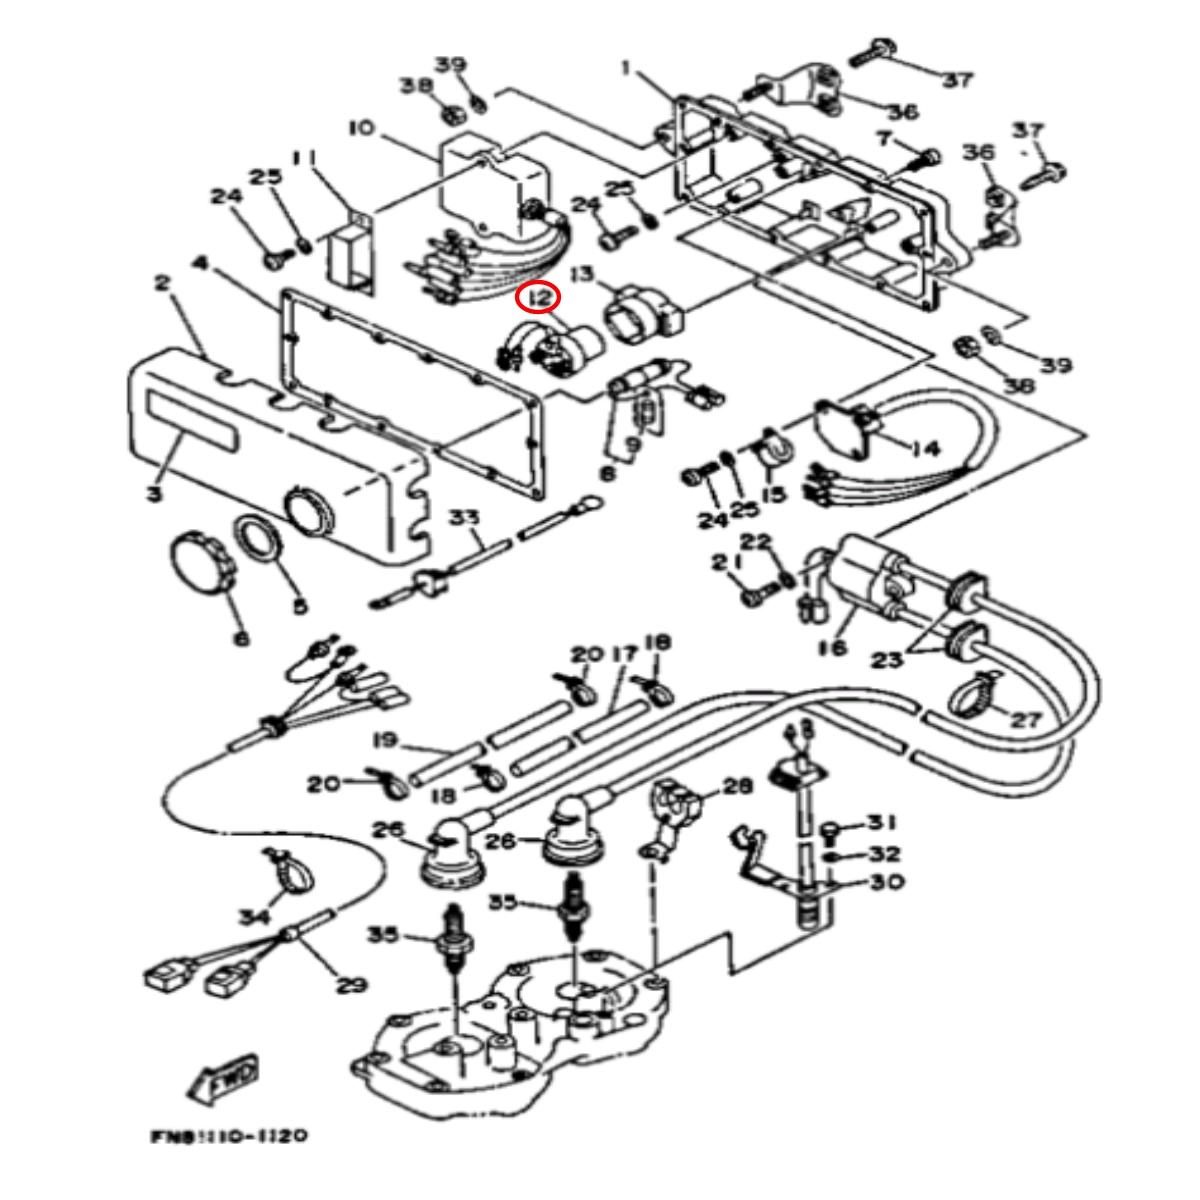 Rele de Partida para Jet Ski Yamaha Nacional  - Radical Peças - Peças para Jet Ski